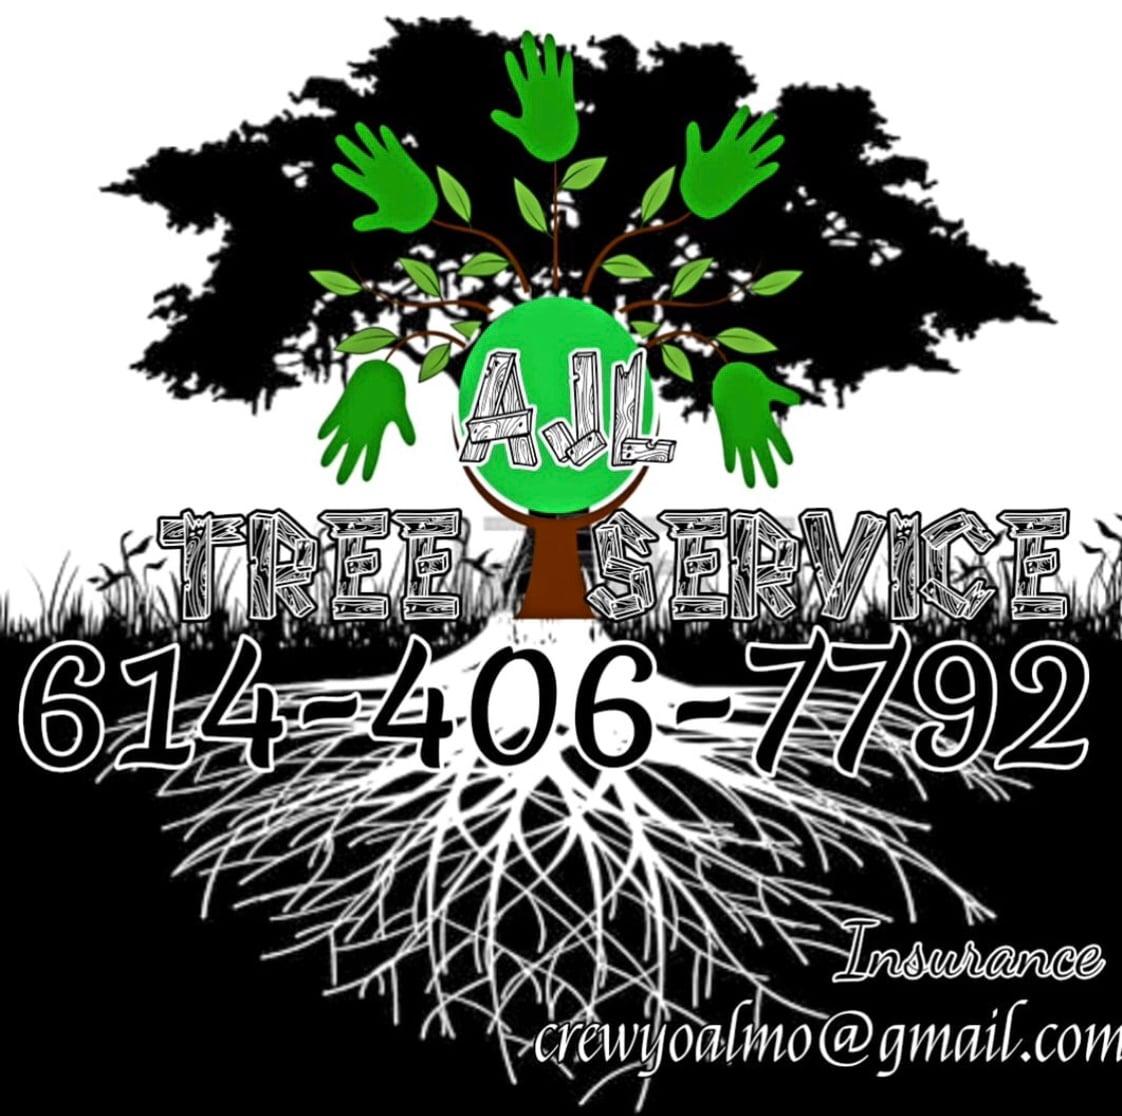 A.J.L. Tree Service